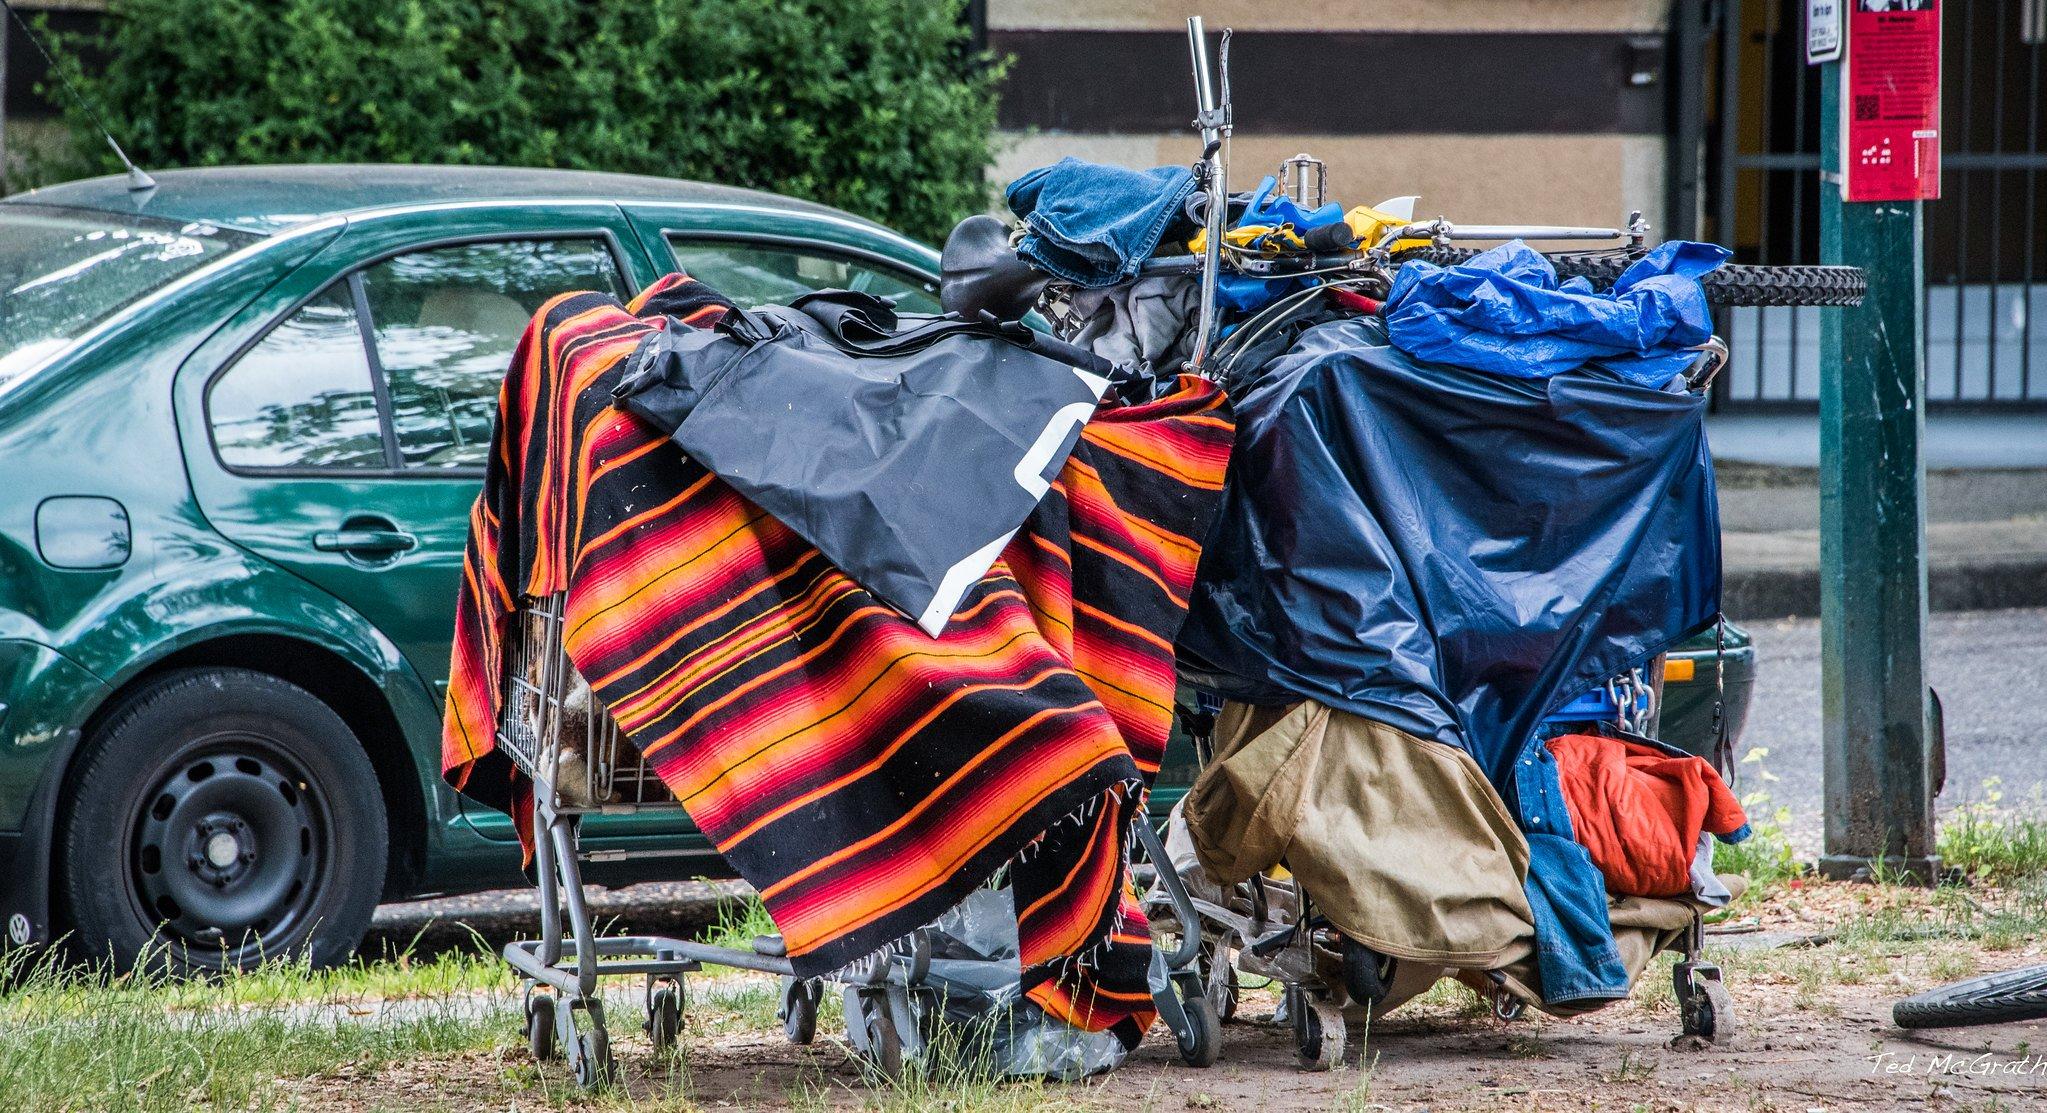 Ropa y objetos acumulados sobre carritos de supermercado. | Imagen: Flickr